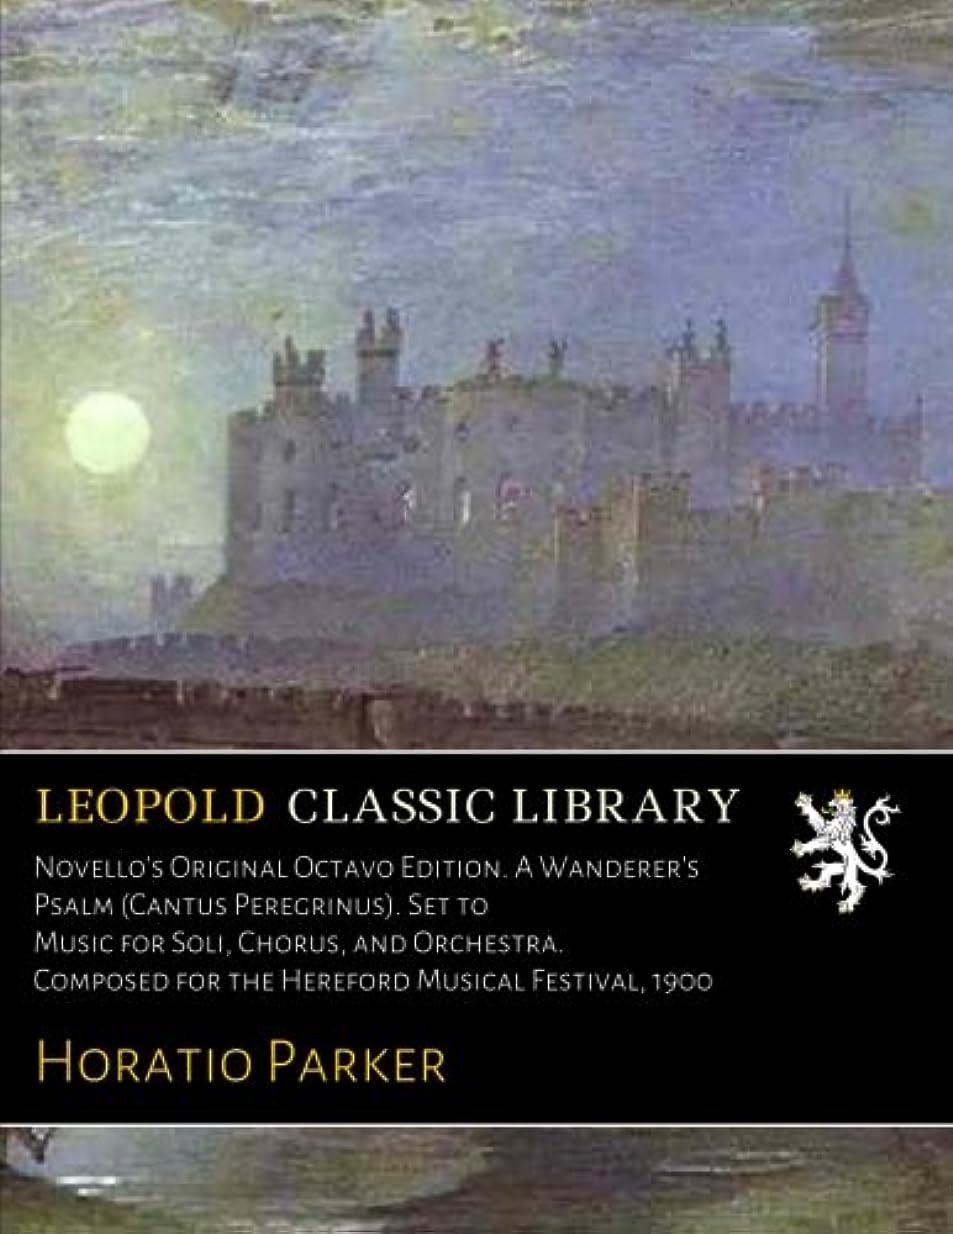 責任ピカリングしないでくださいNovello's Original Octavo Edition. A Wanderer's Psalm (Cantus Peregrinus). Set to Music for Soli, Chorus, and Orchestra. Composed for the Hereford Musical Festival, 1900